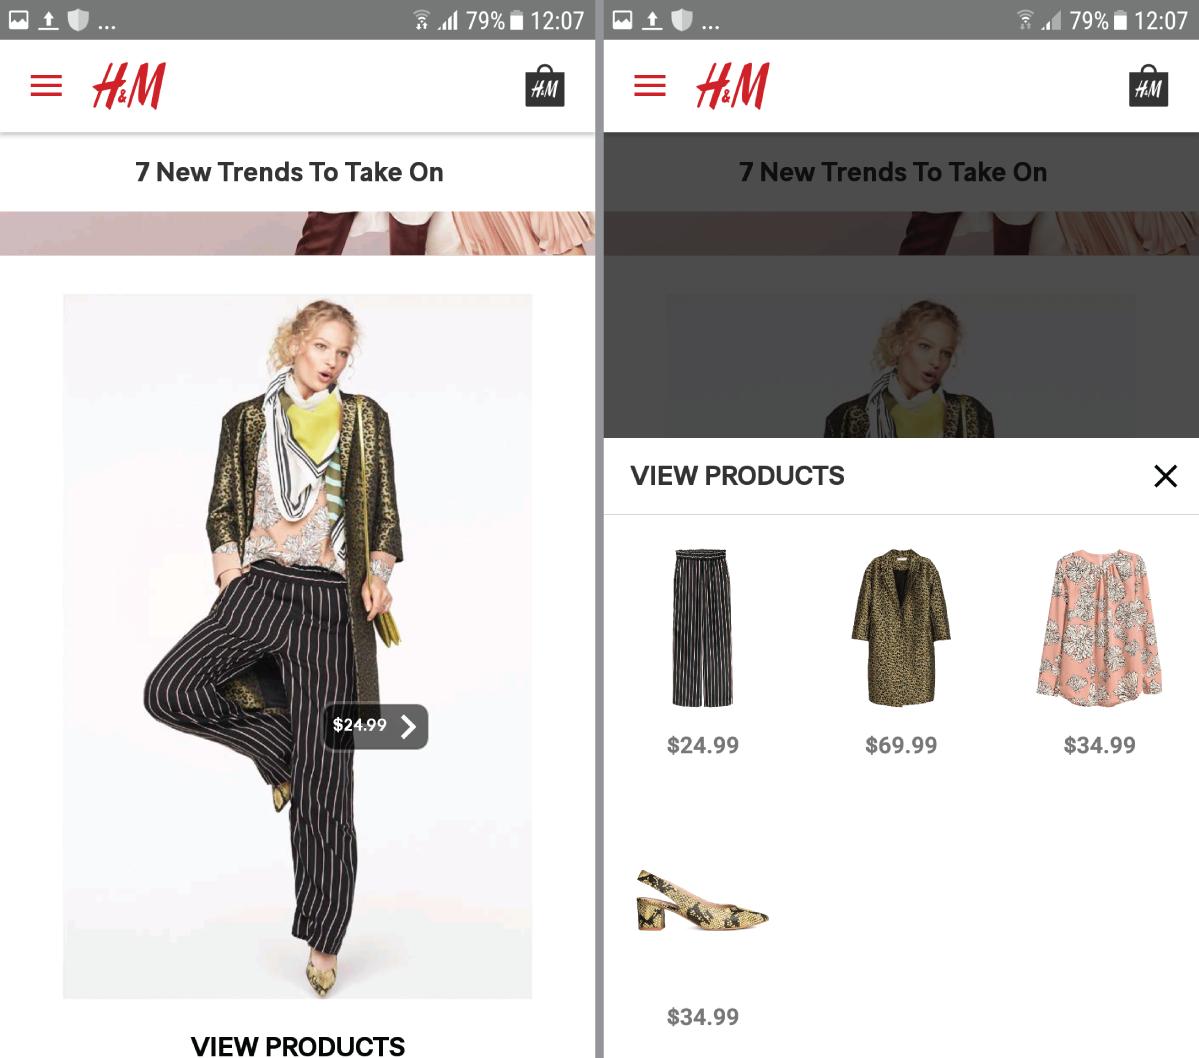 H&M trend